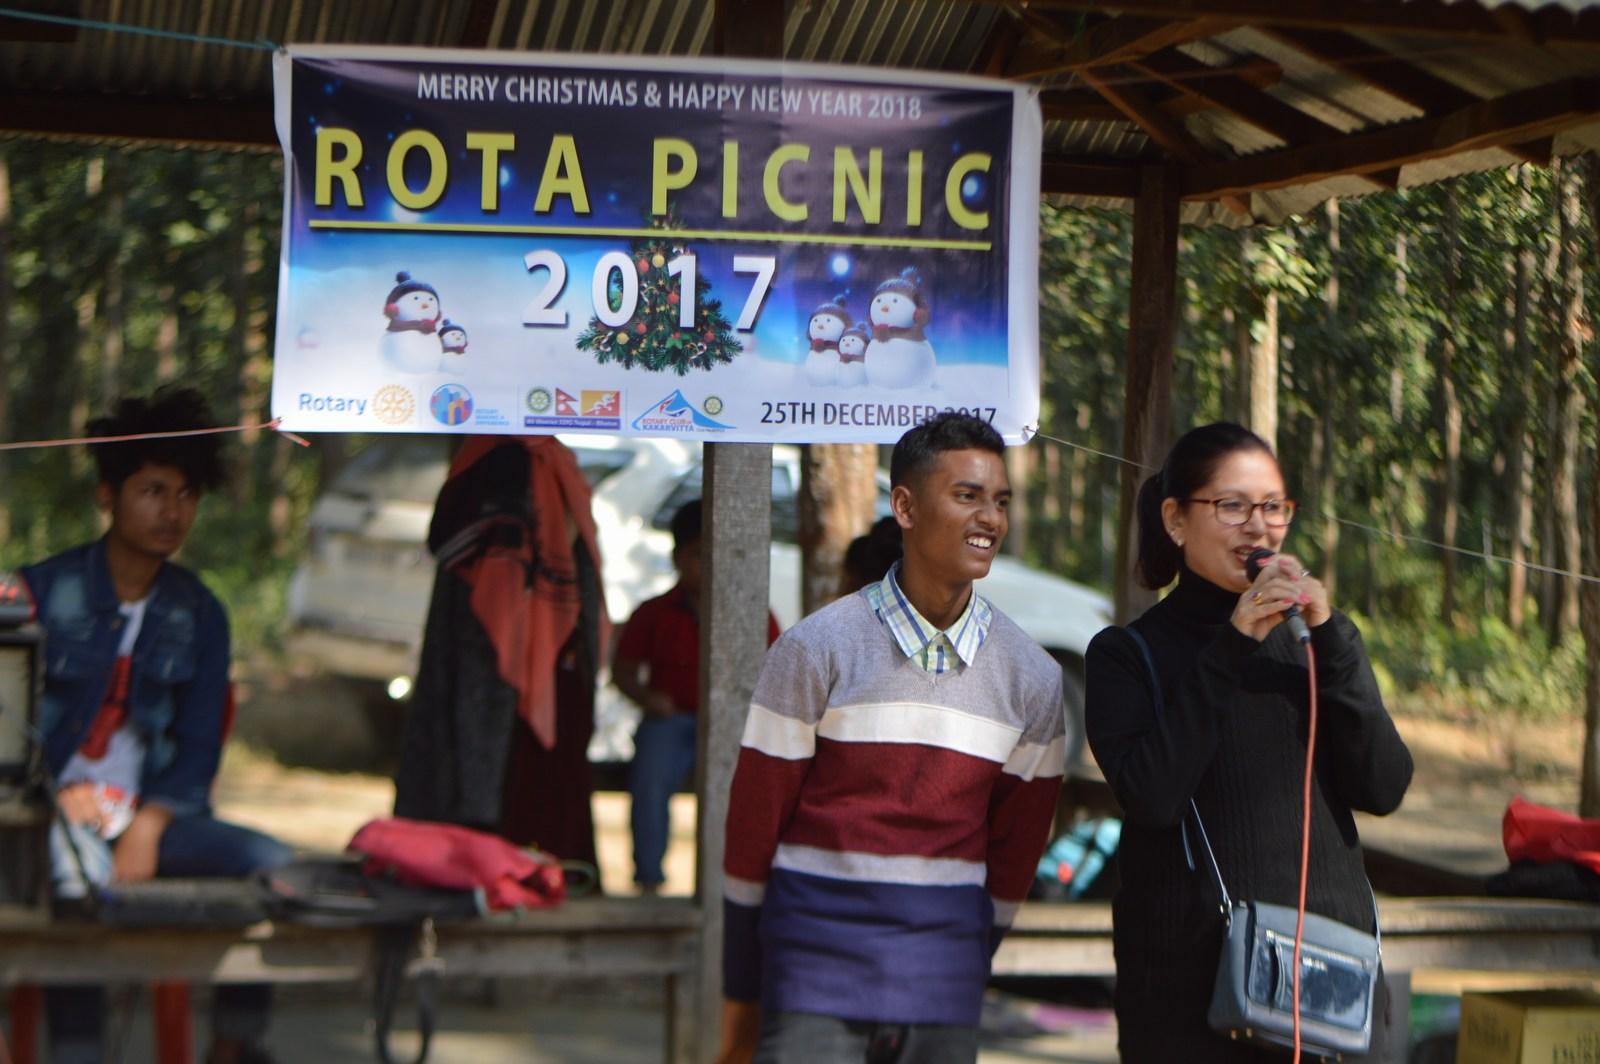 Rota-Picnic-2017-Rotary-Club-of-Kakarvitta-56